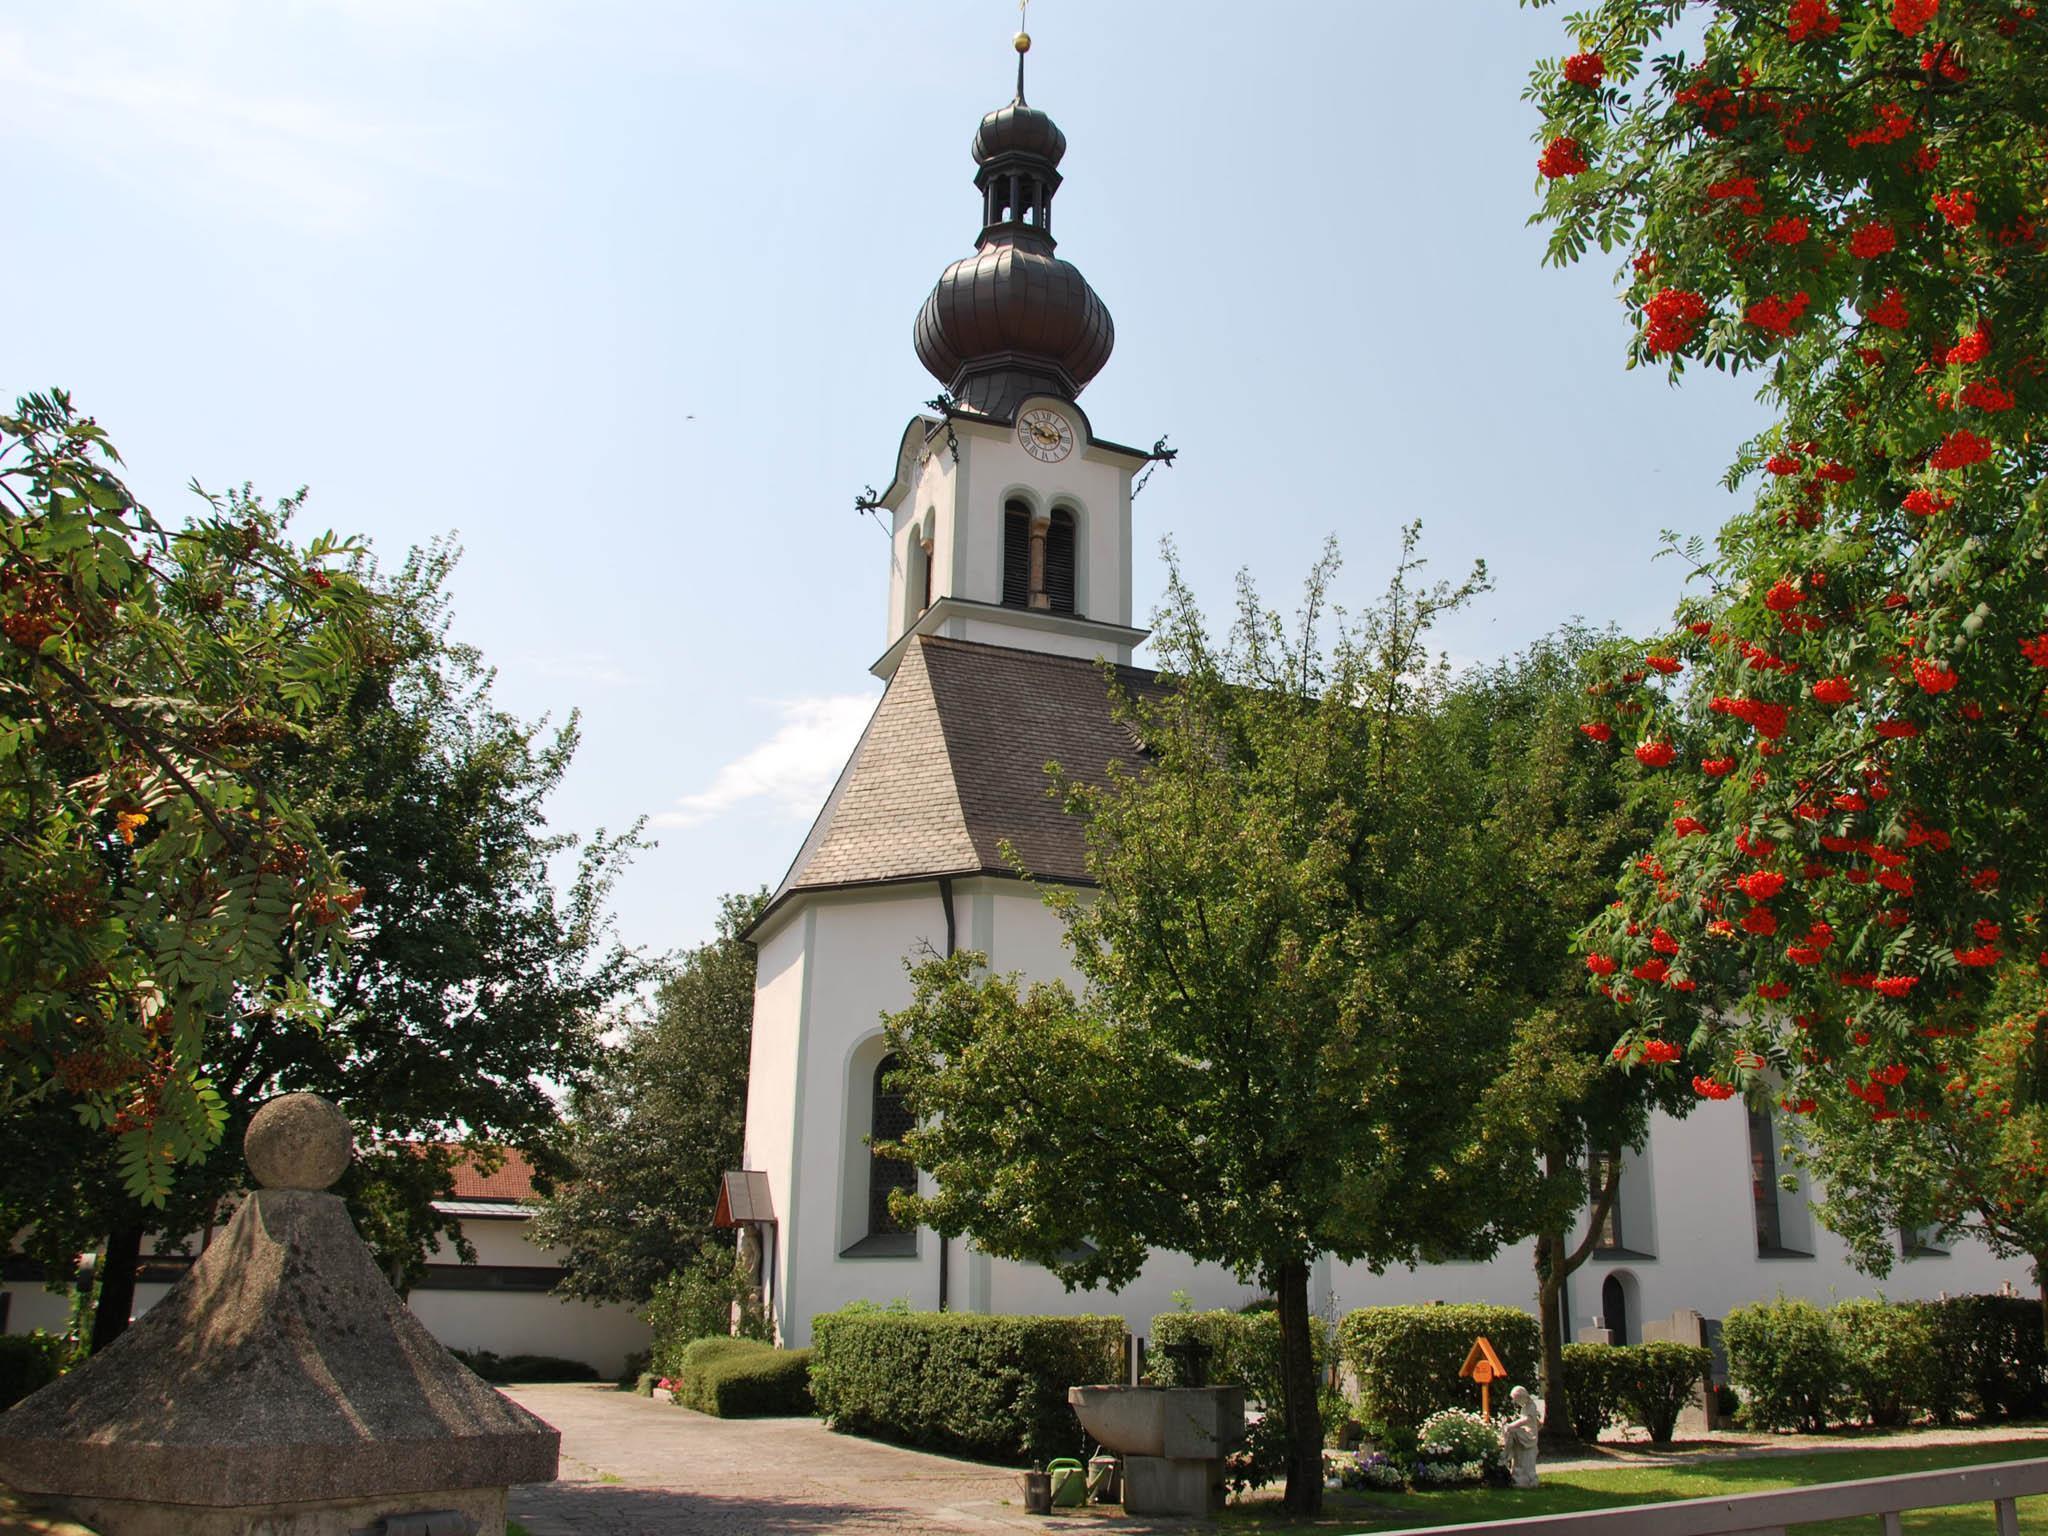 Pfarrkirche zum Heiligen Nikolaus